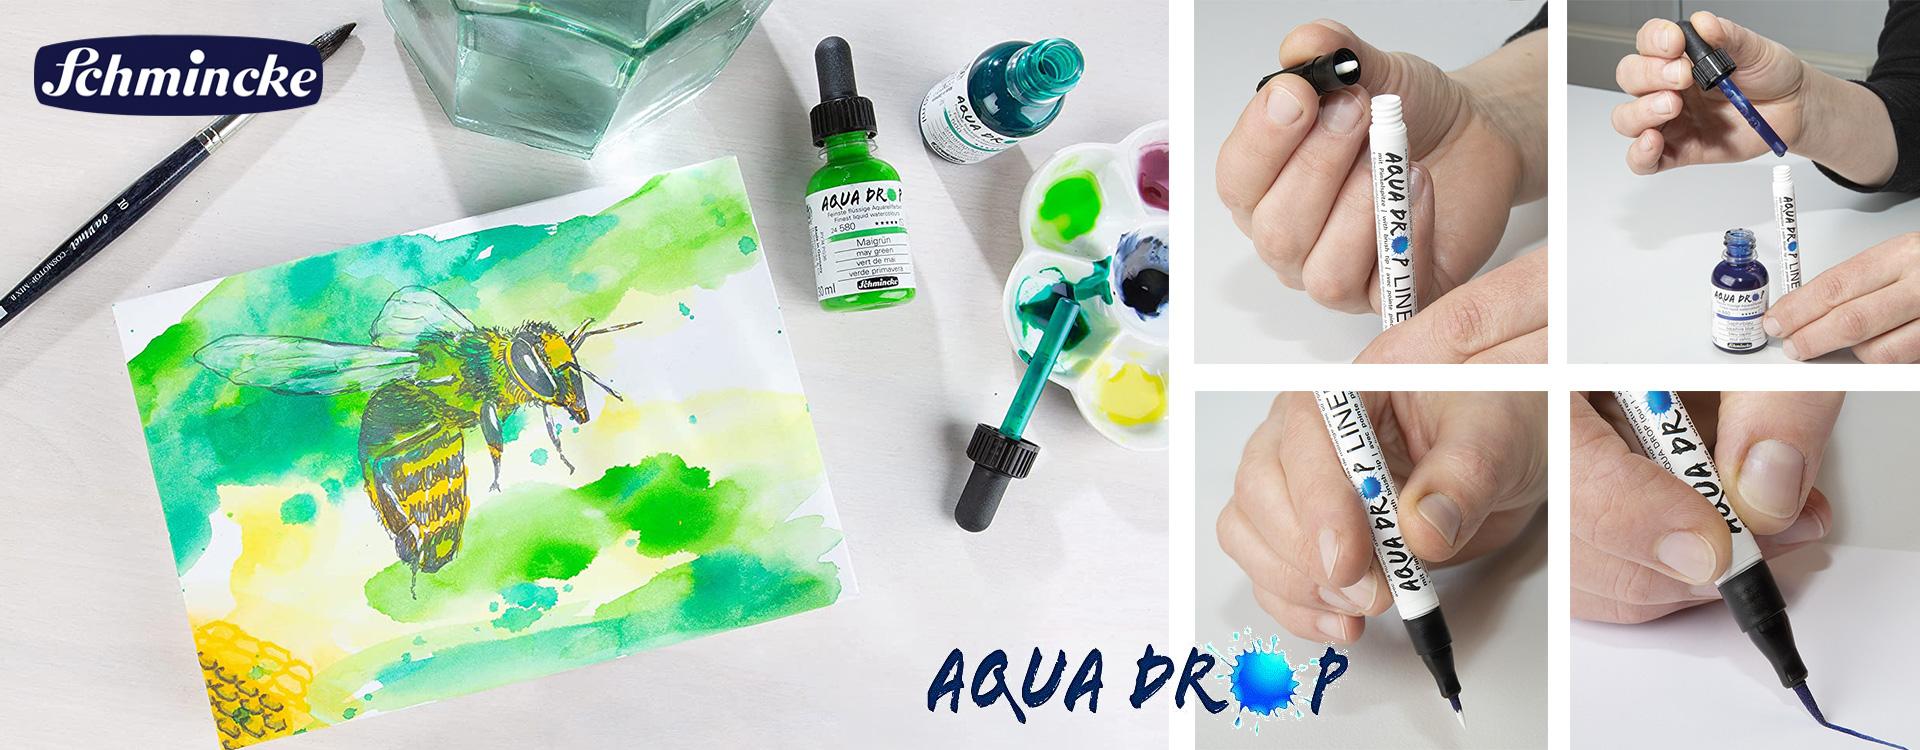 banner-aqua-drop